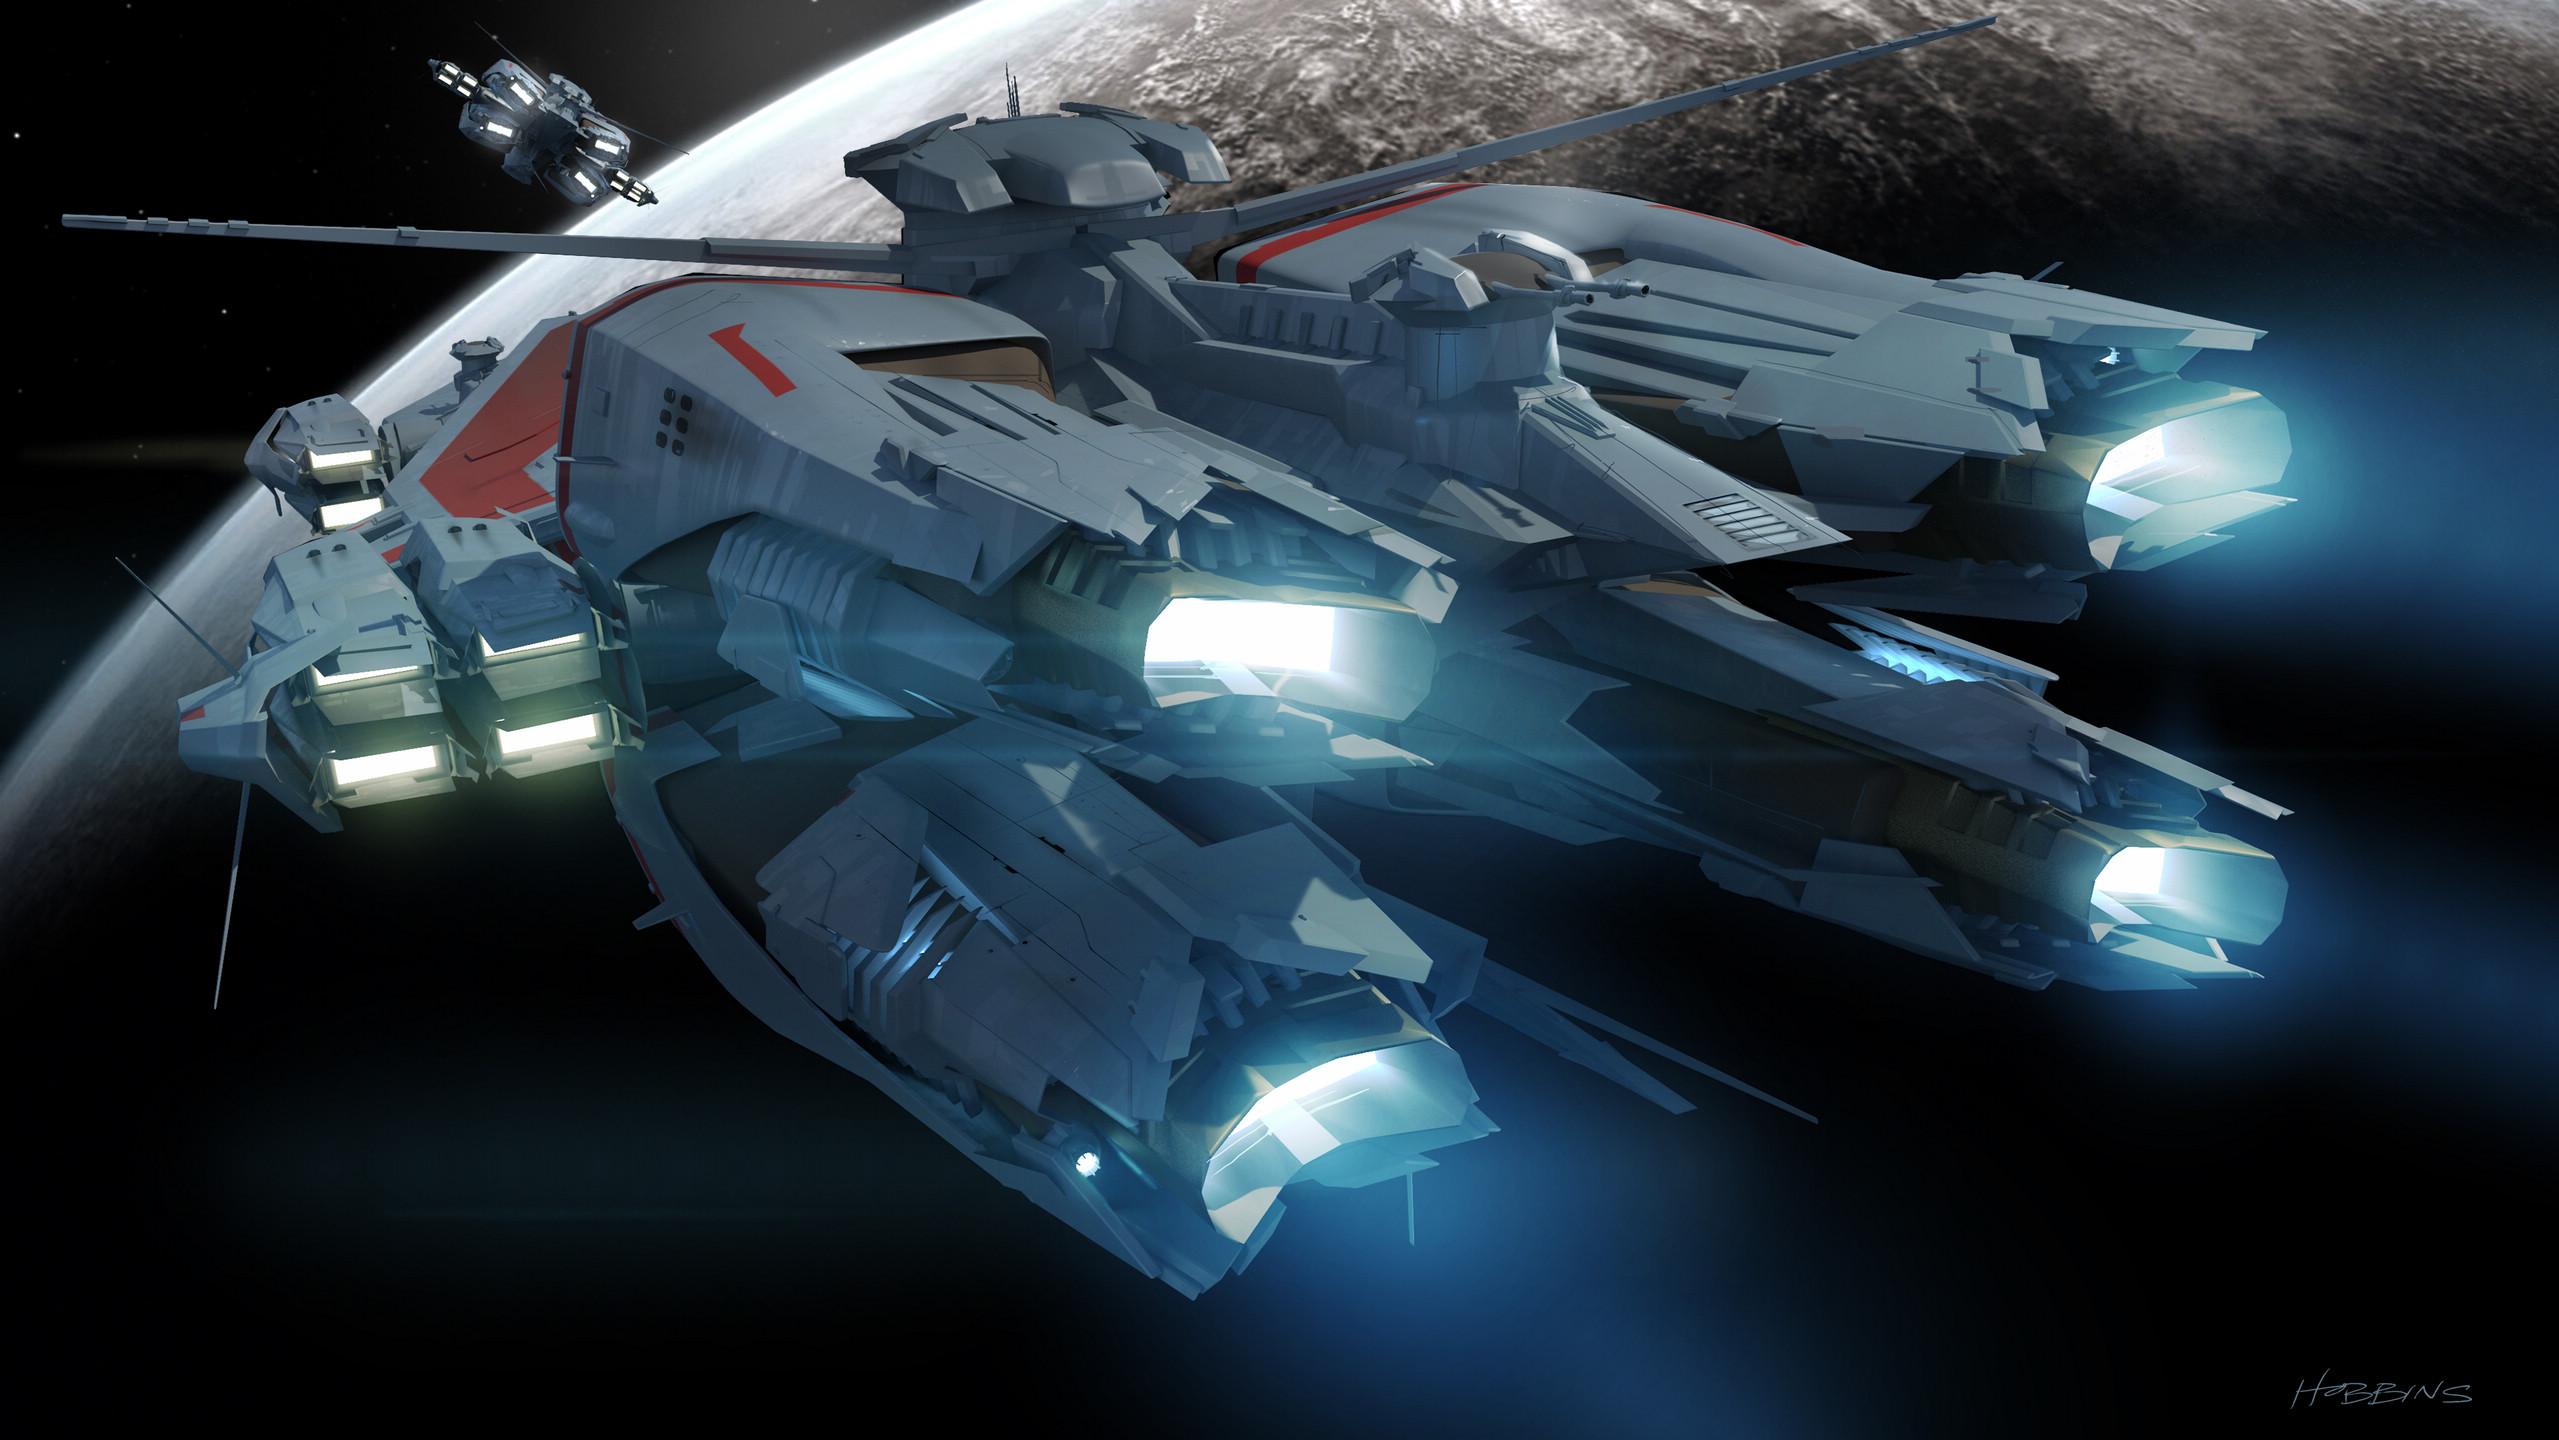 星际飞船 赛尔号星际飞船 星际飞船图片